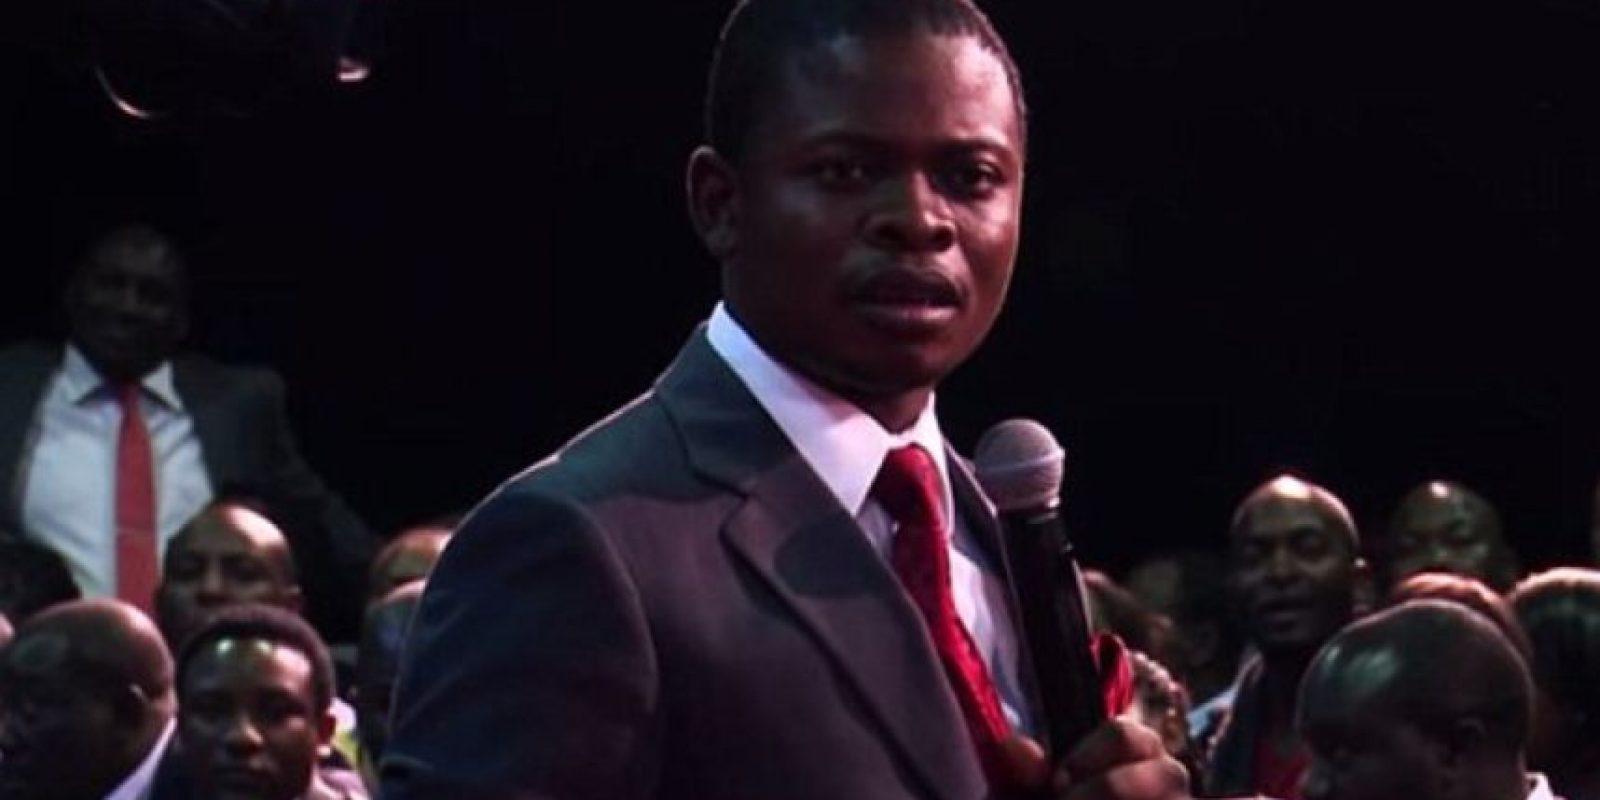 El pastor Bushiri, de Malawi, tiene 239 mil seguidores en Facebook. Foto:vía Prophet Channel